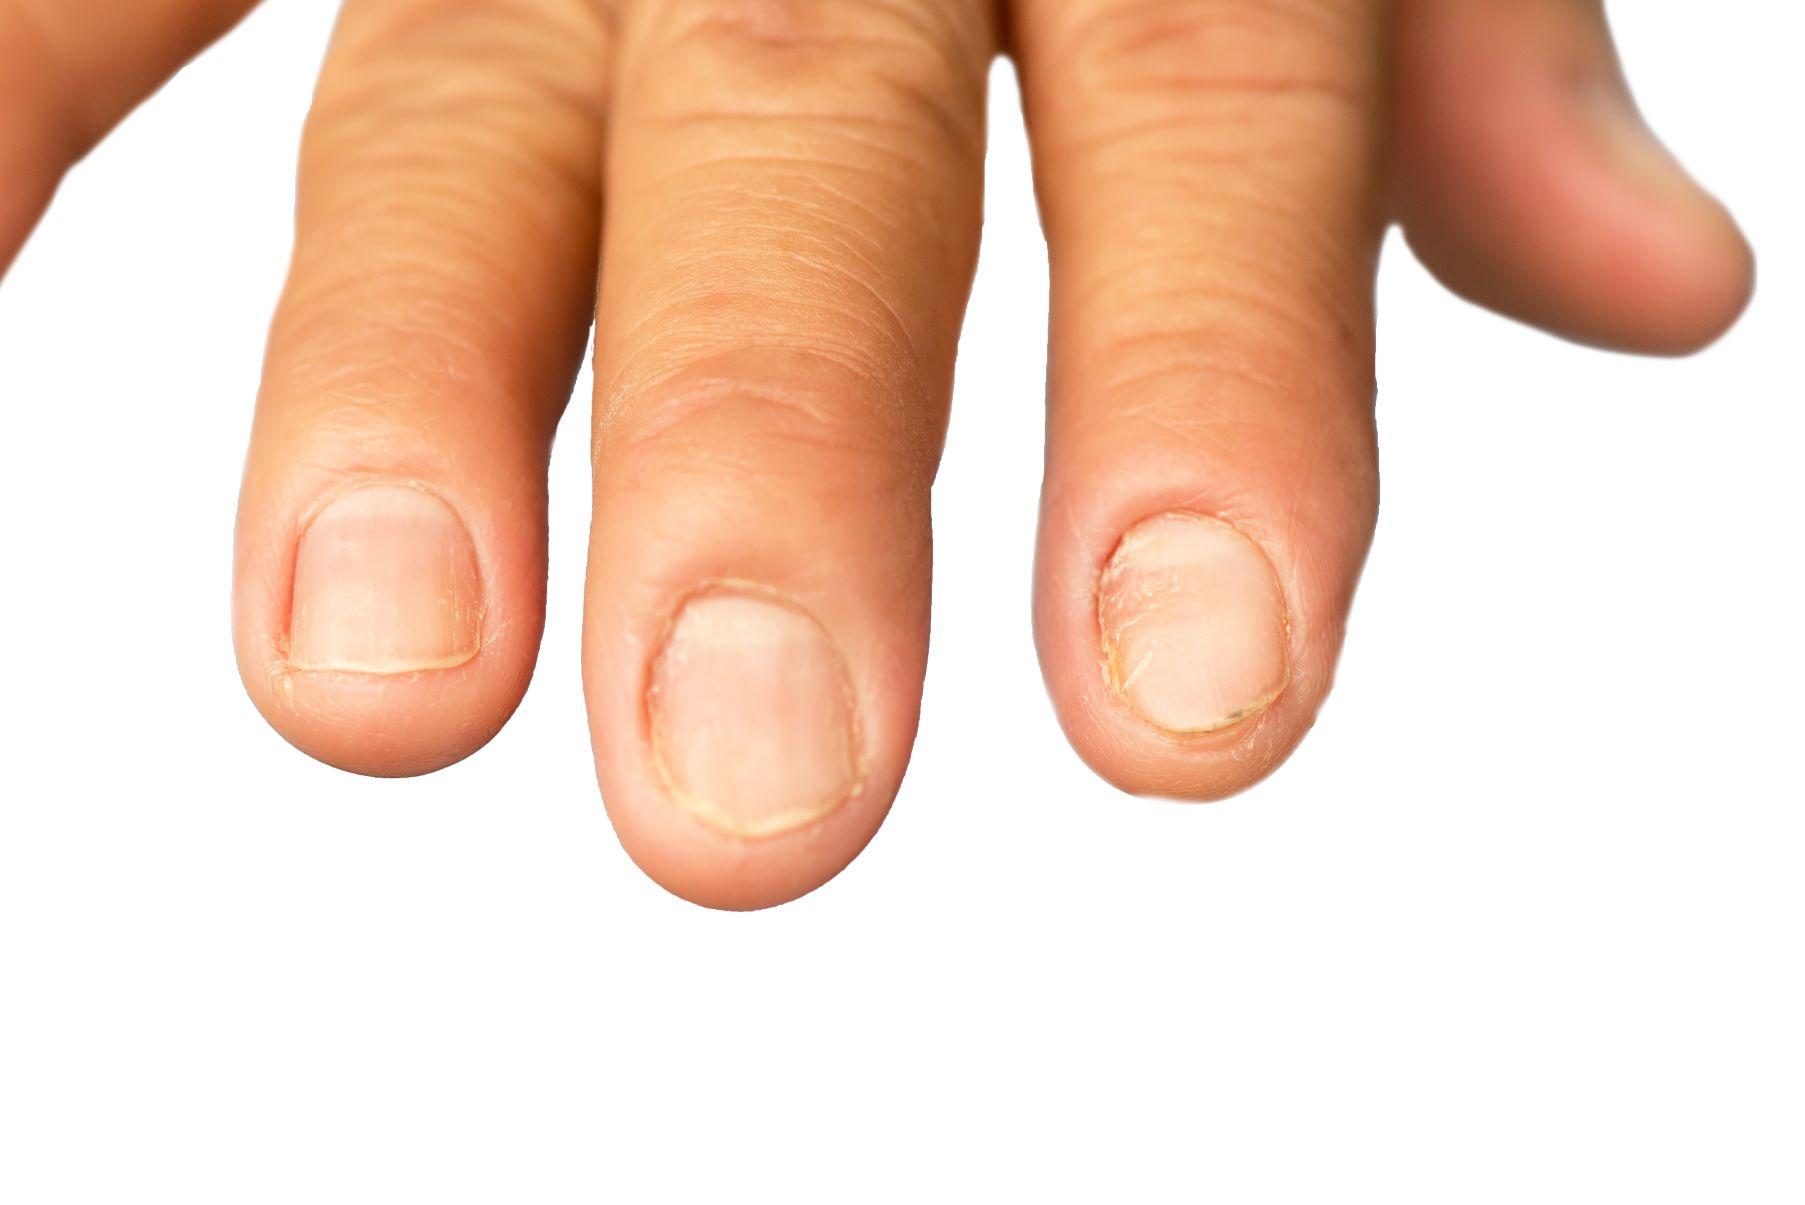 Uñas Inflamadas - Dermatologia medellin